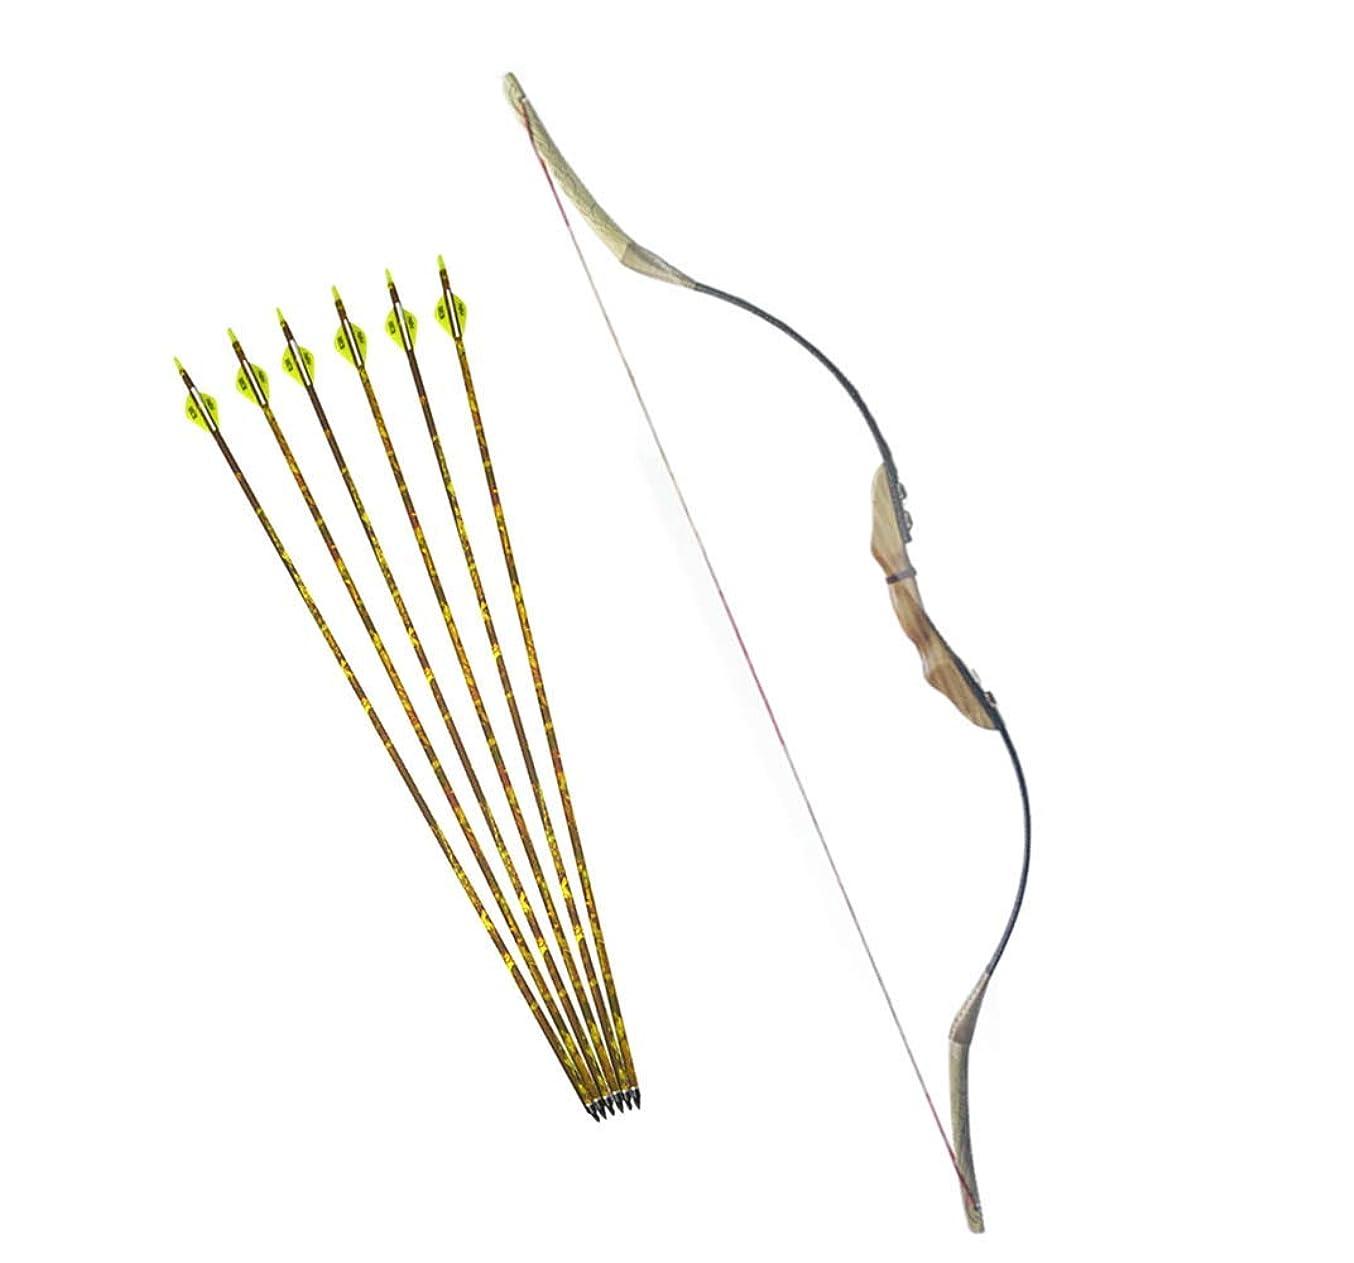 香りマティス低下MILAEM 30~50LBS リカーブボウ 狩猟弓 伝統的な弓 弓道練習専用弓 ロングボウ 右利き 狩猟 練習 ハンティング アーチェリーアクセサリー